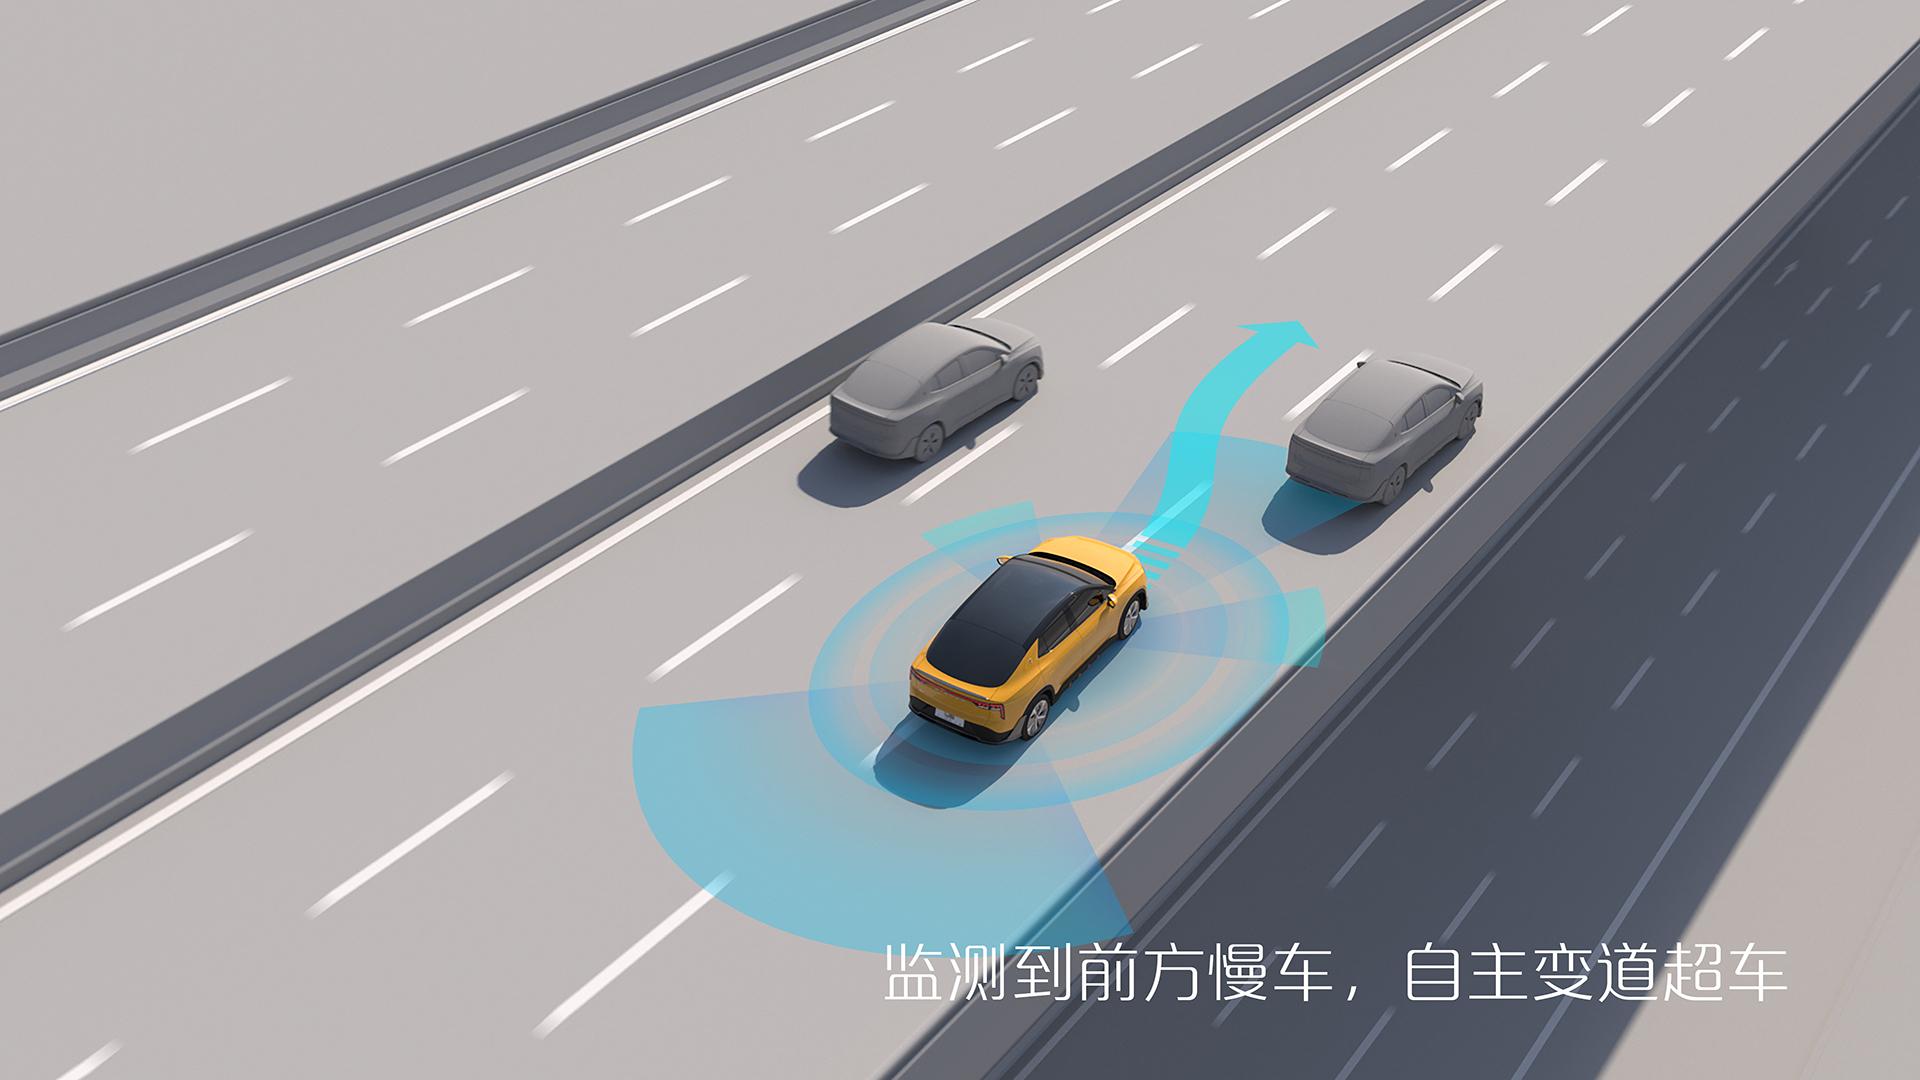 图片包含 路, 游戏机  描述已自动生成